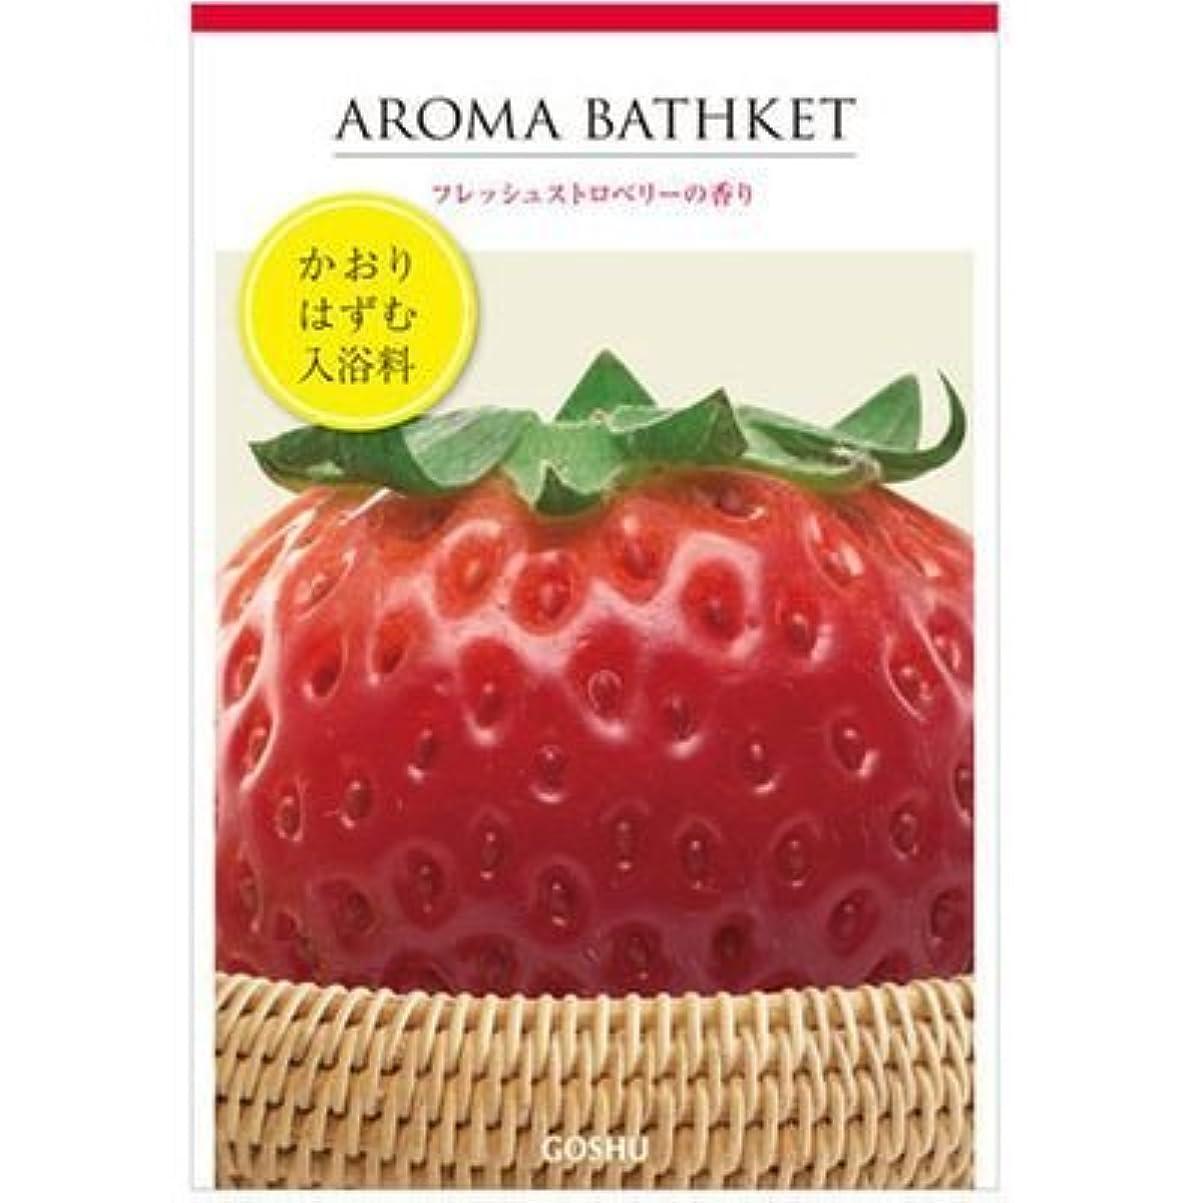 エロチック二年生騒五洲薬品 アロマバスケット フレッシュストロベリーの香り 25g E409219H